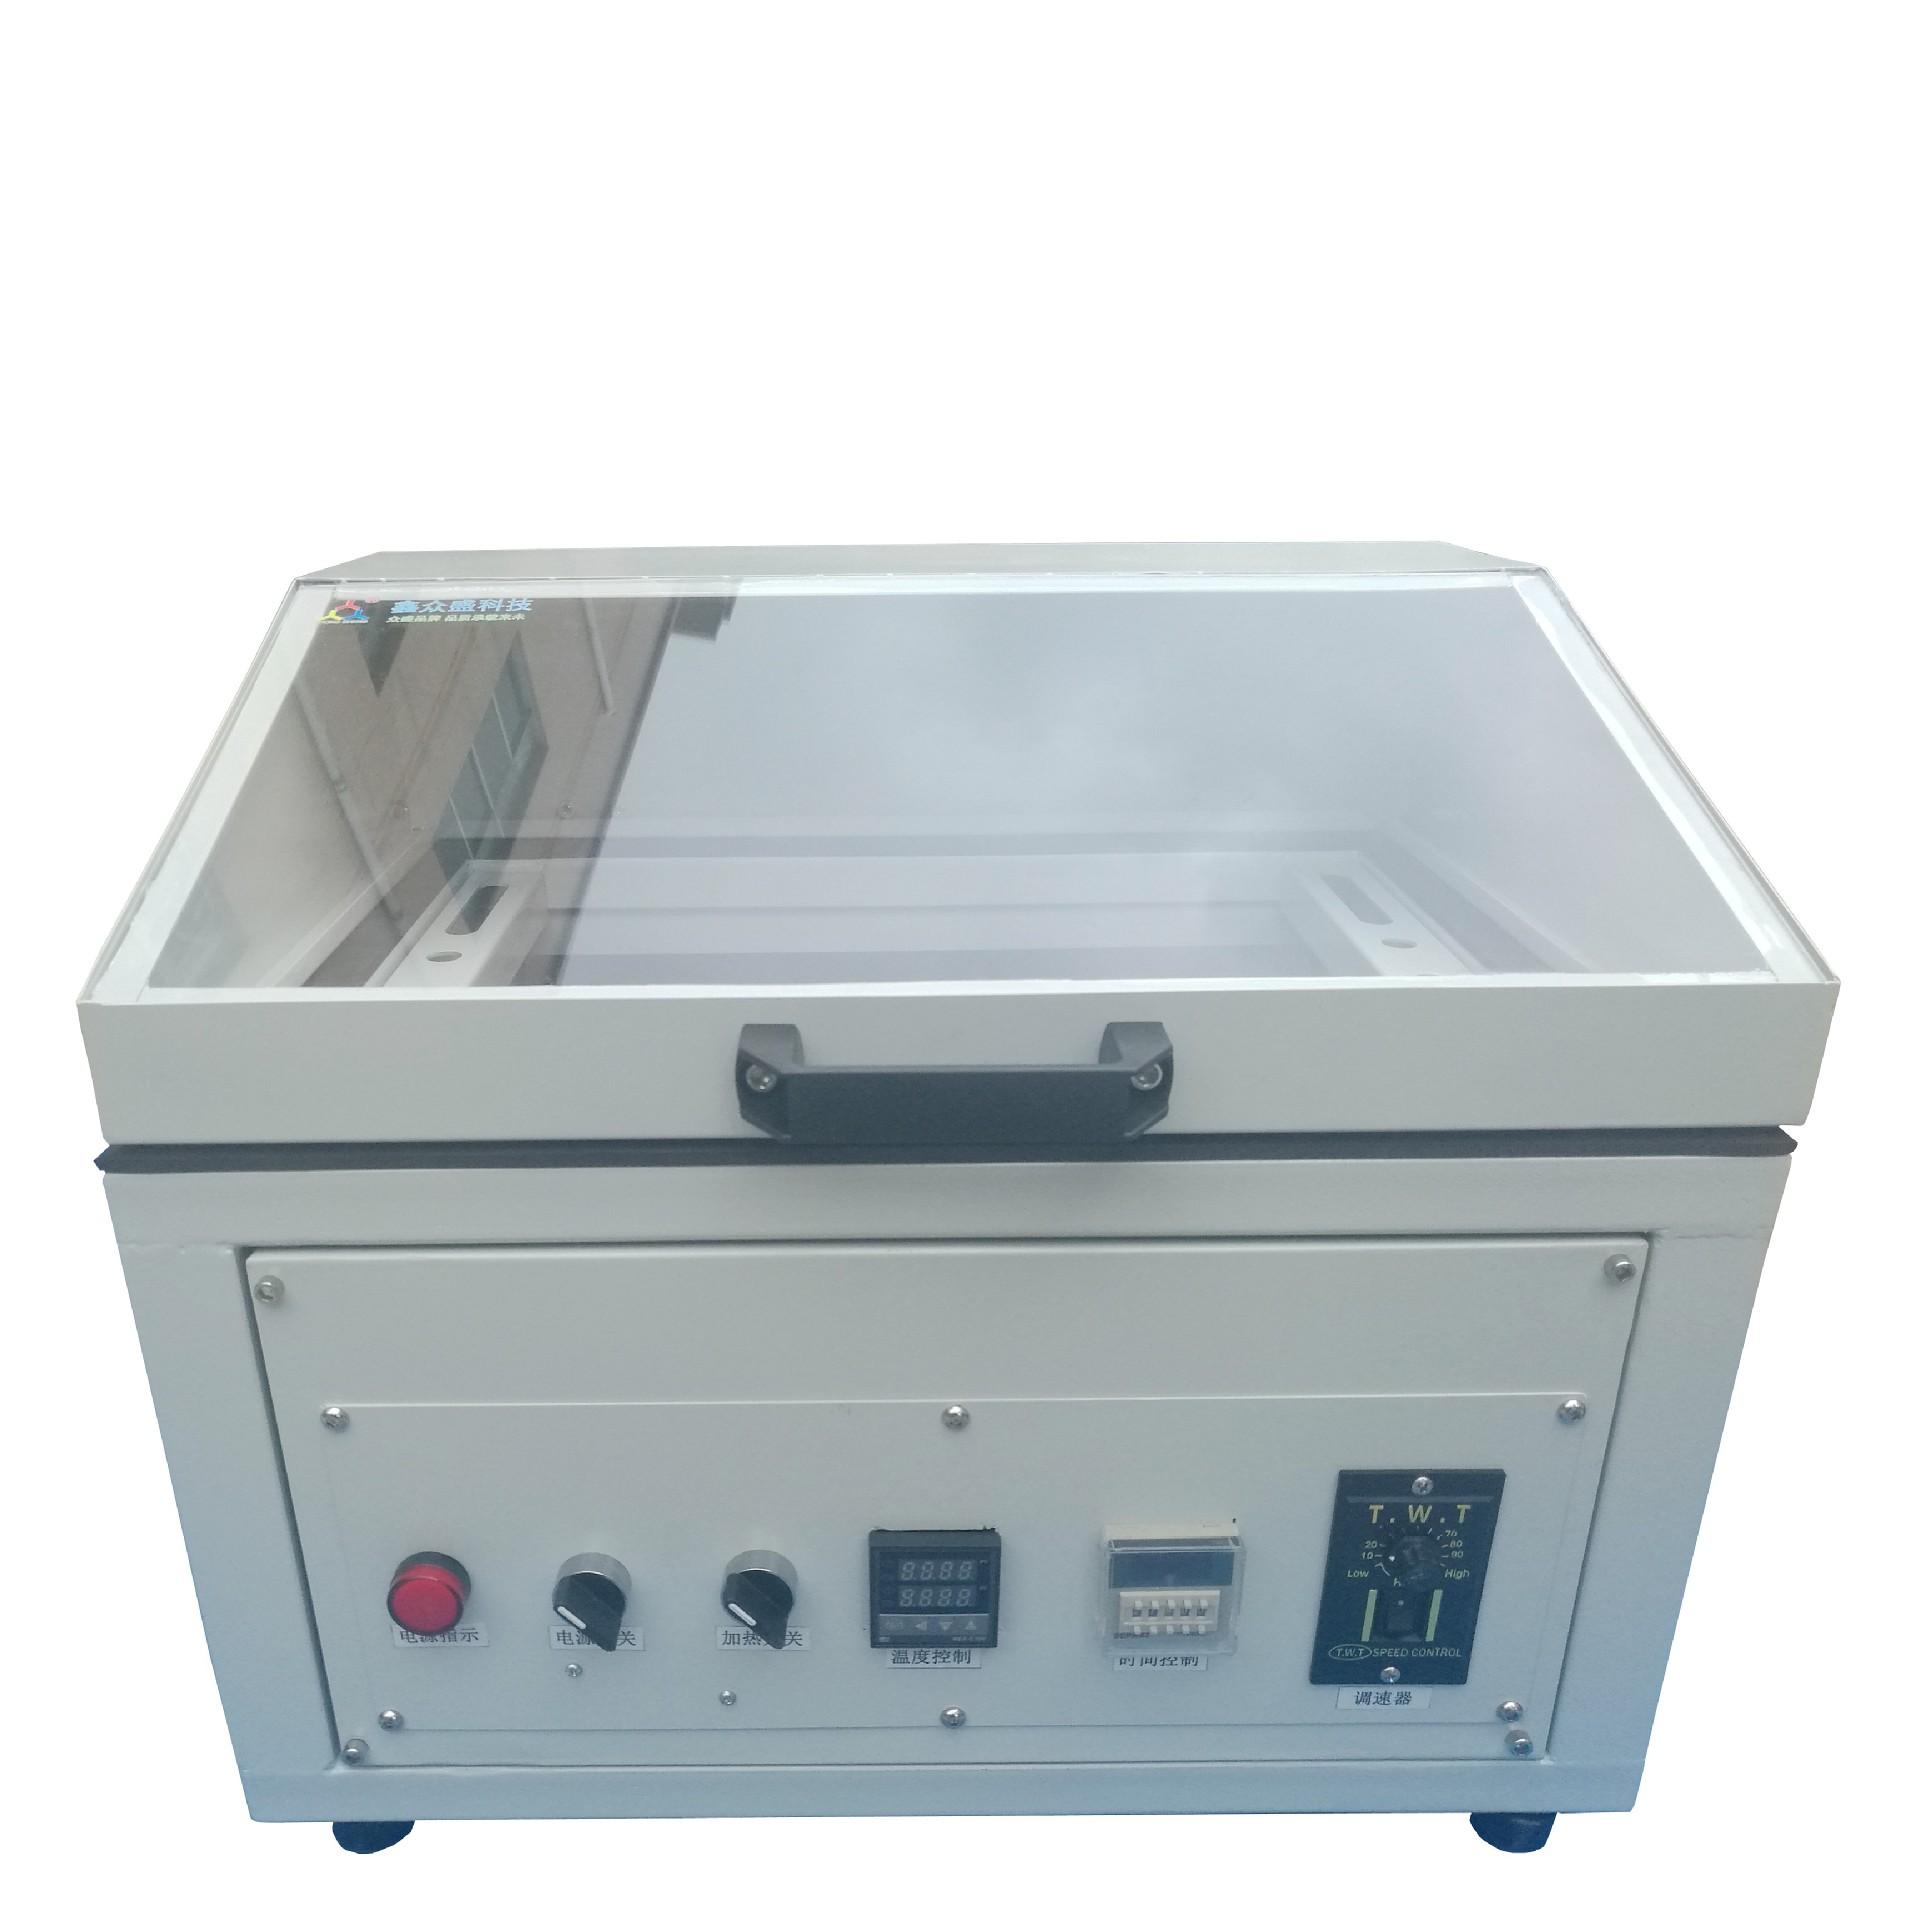 油墨滚动机加热型油墨滚动机调油机可定做尺寸苏比特品牌